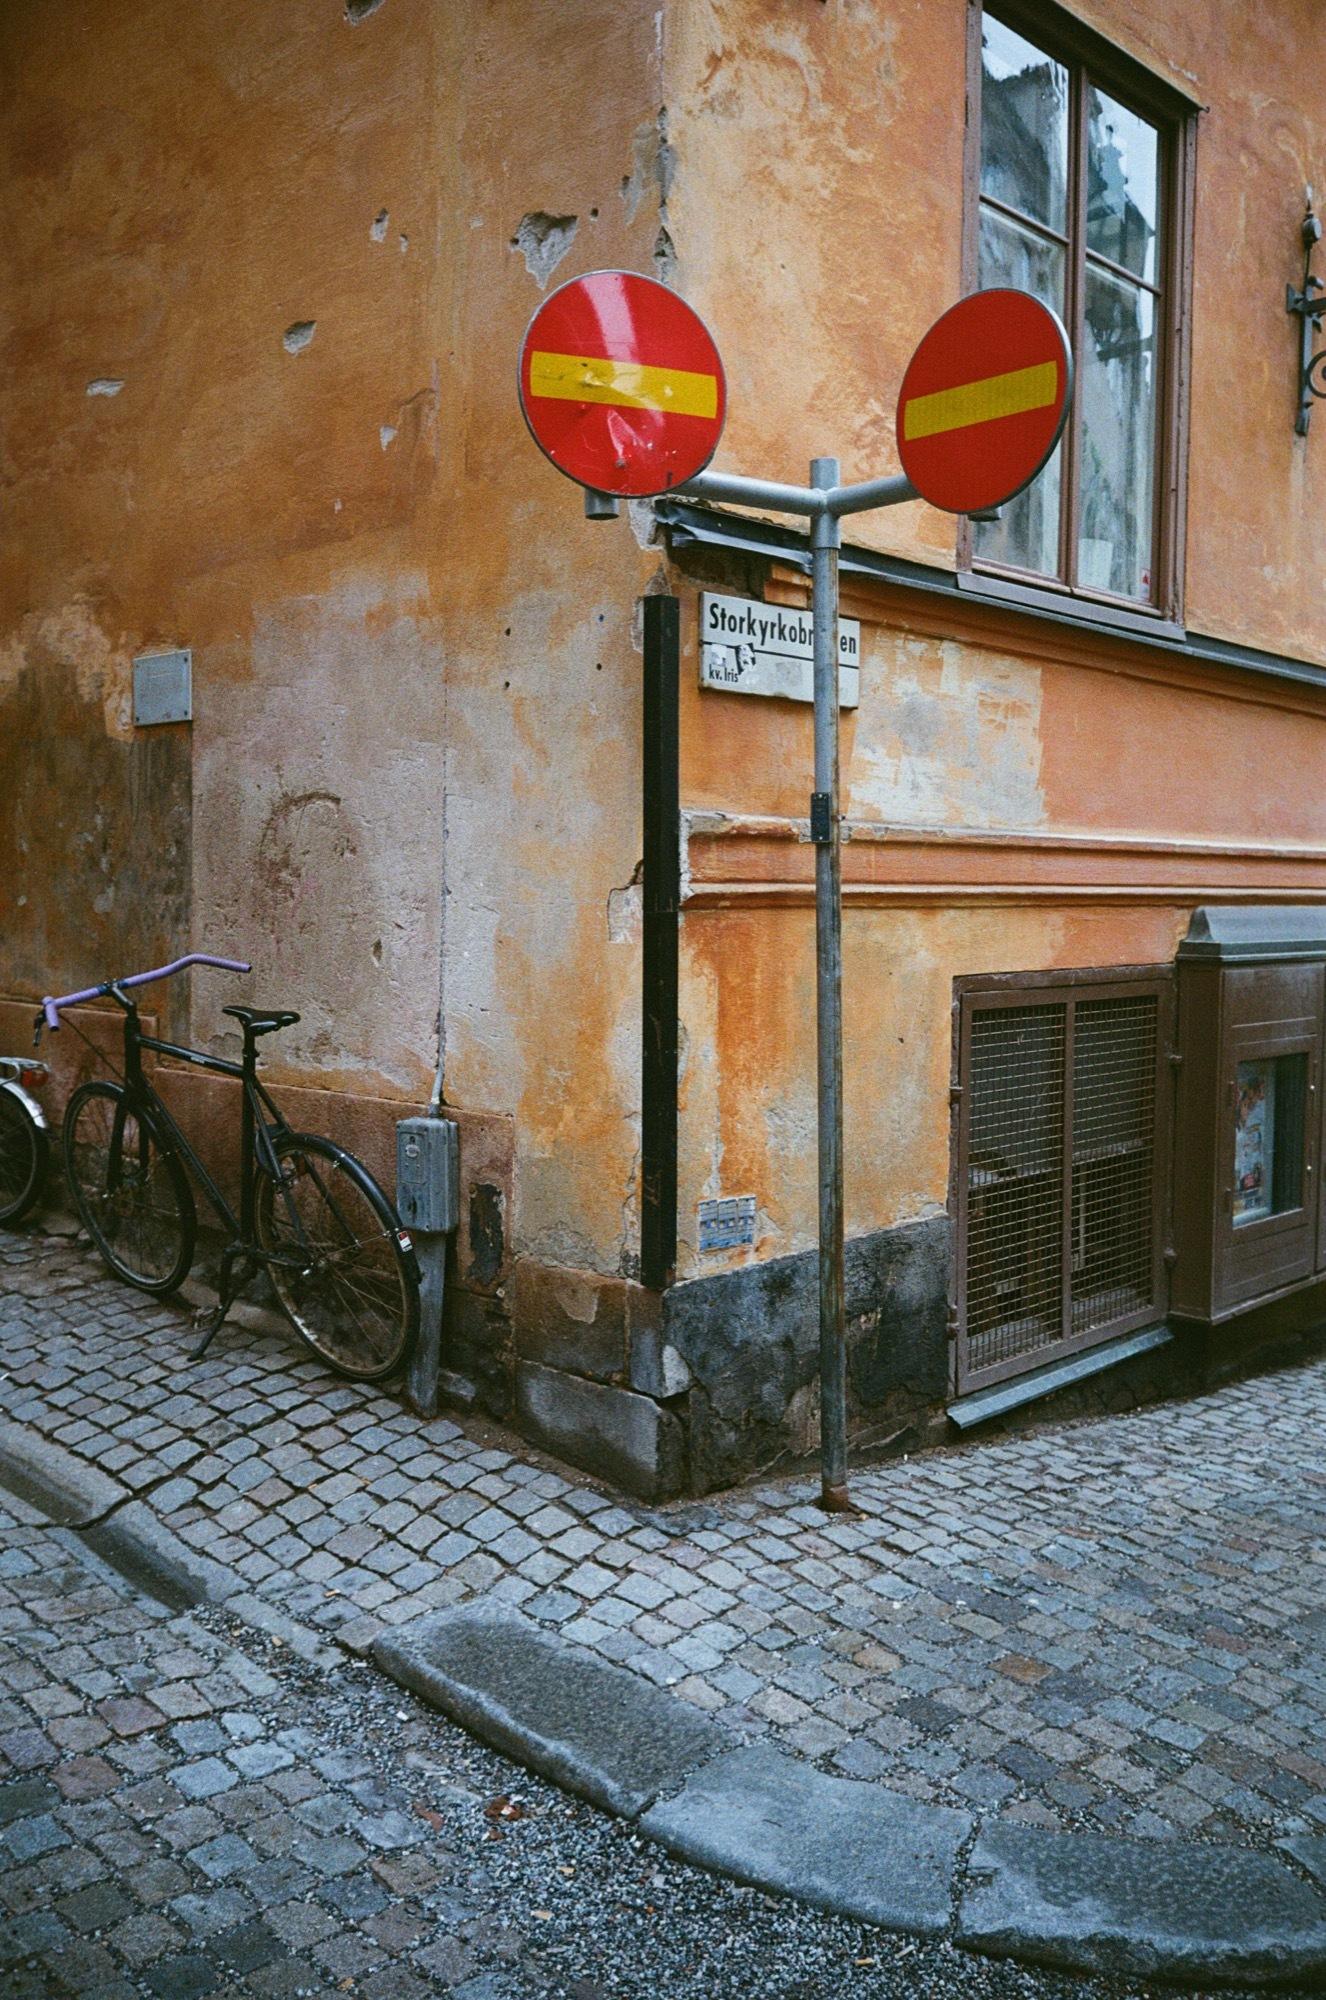 cameraville_leica_mda_stockholm_avenon_28mm_kodak_gold_400_16.jpg